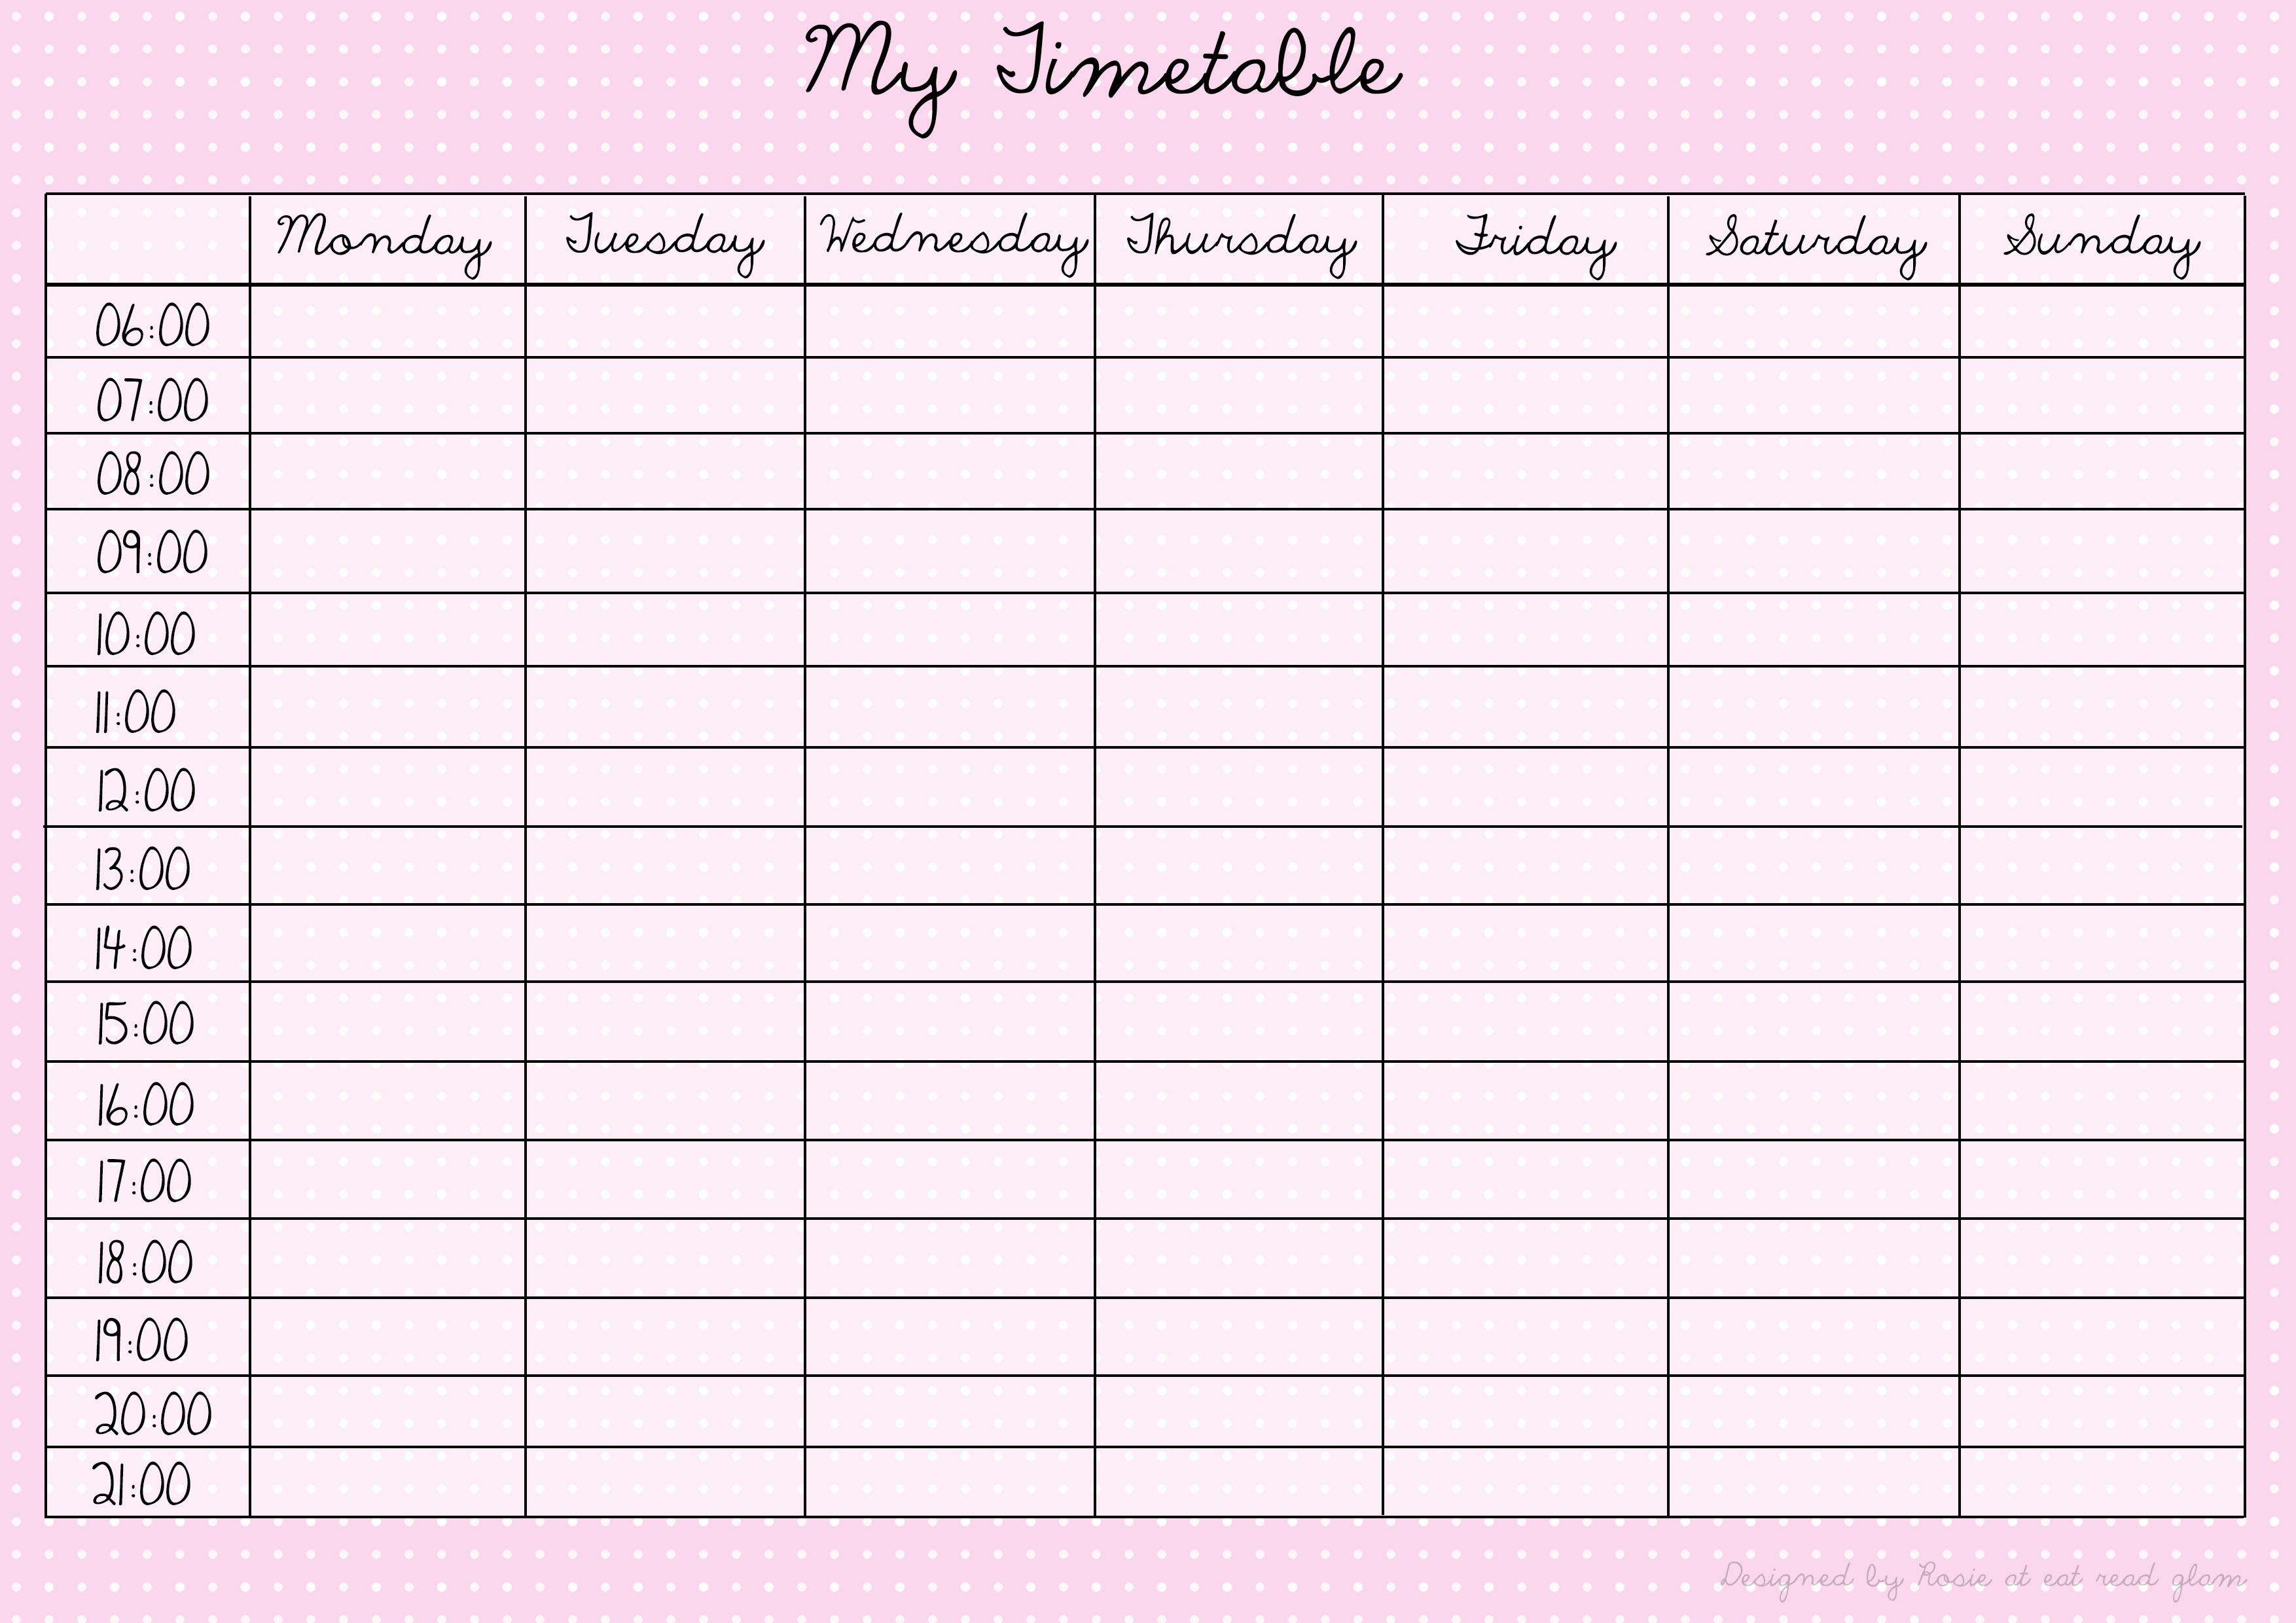 Printable Time Tables